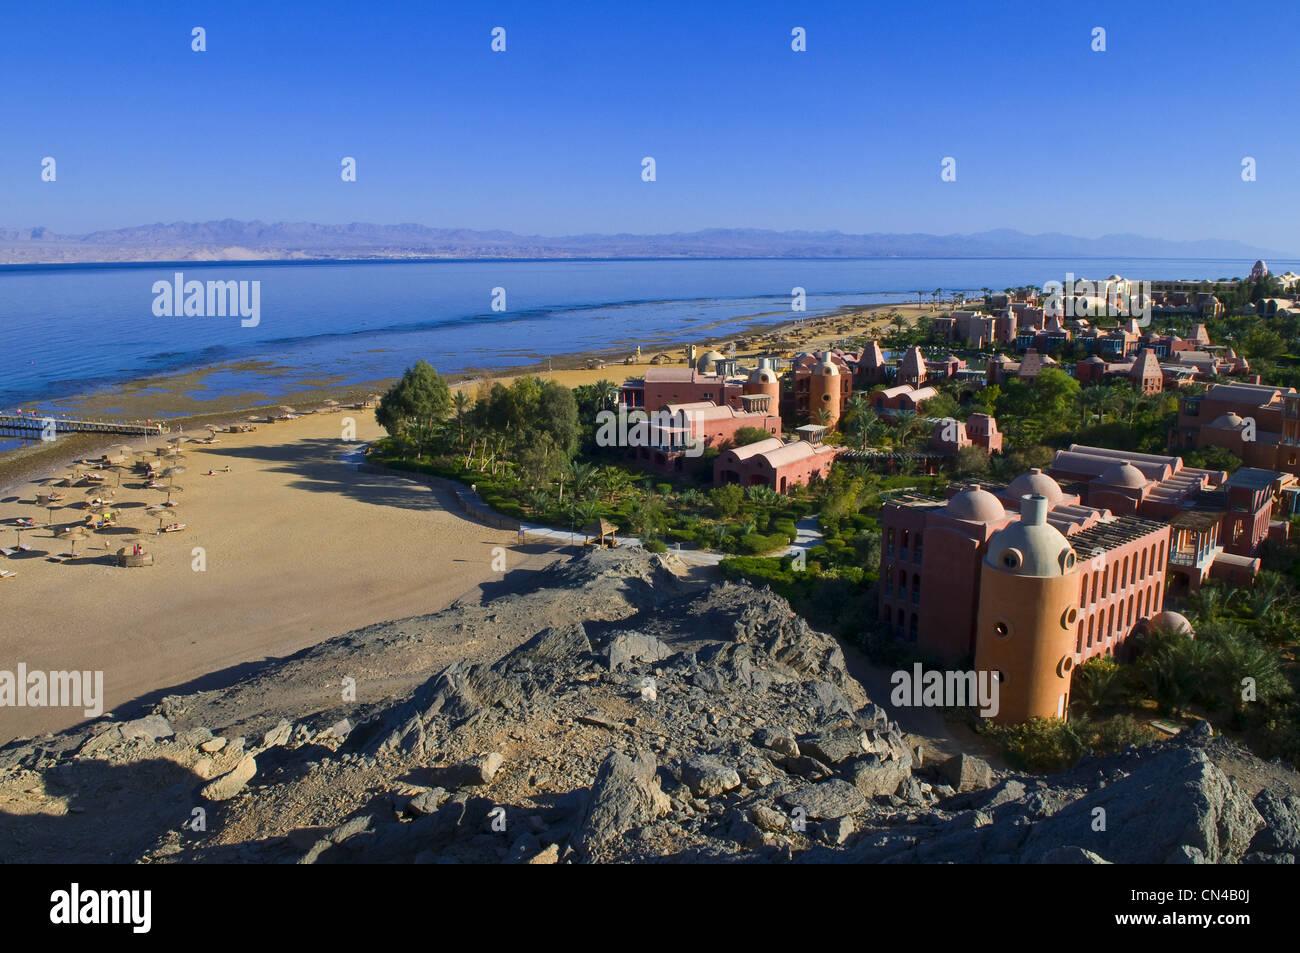 Egipto, el desierto del Sinaí en el Mar Rojo, Taba, playas de Hyatt Resort Hotel, frente a la costa de Jordania Imagen De Stock